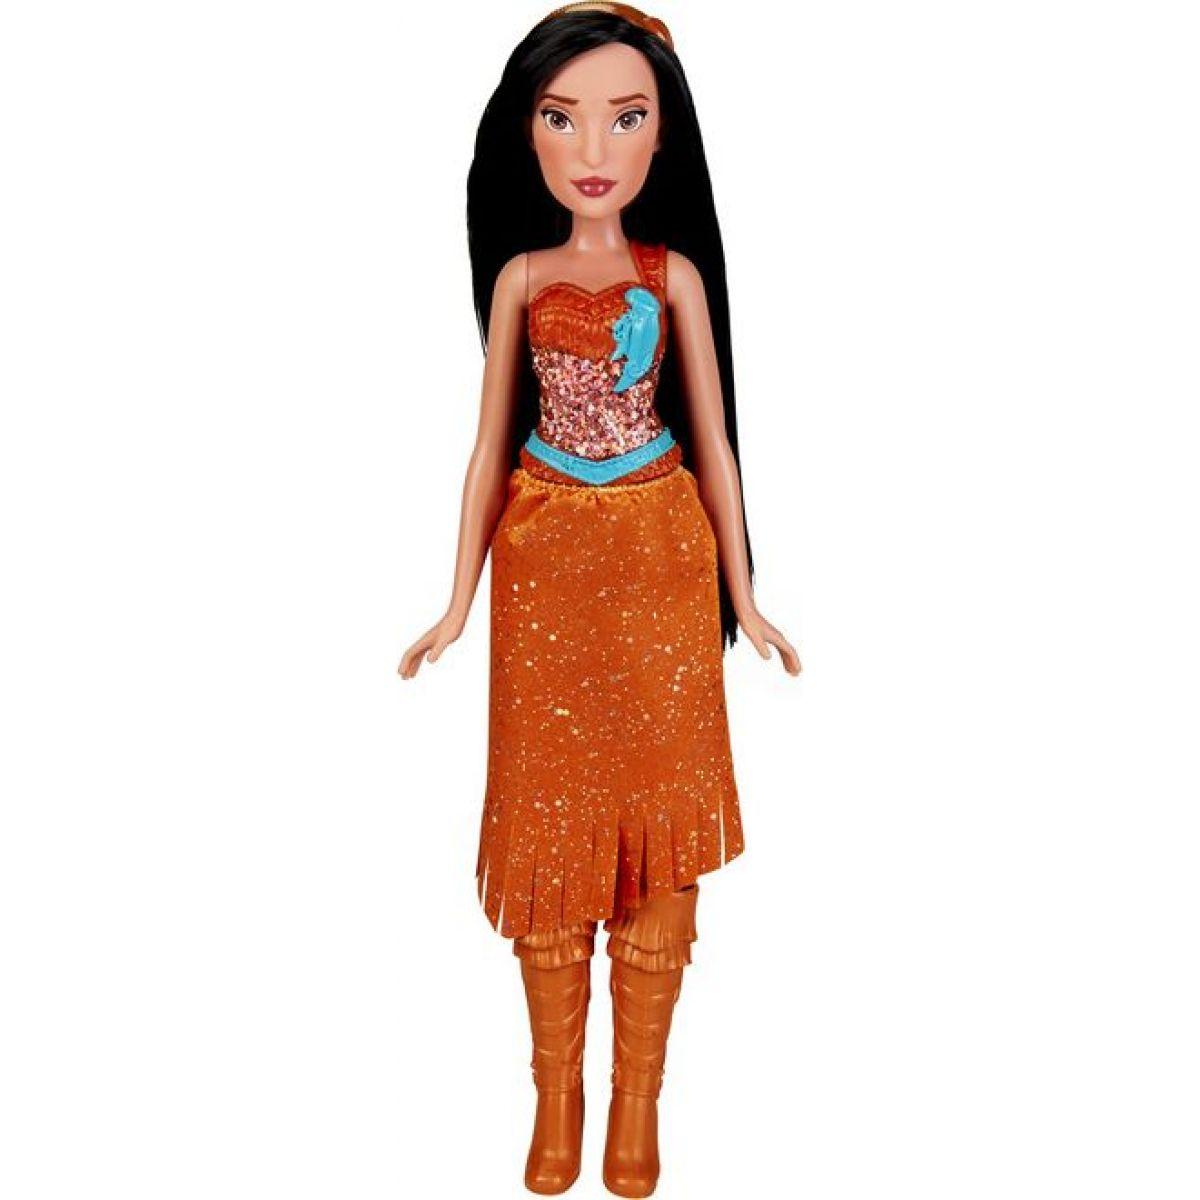 Hasbro Disney Princess panenka Pocahontas